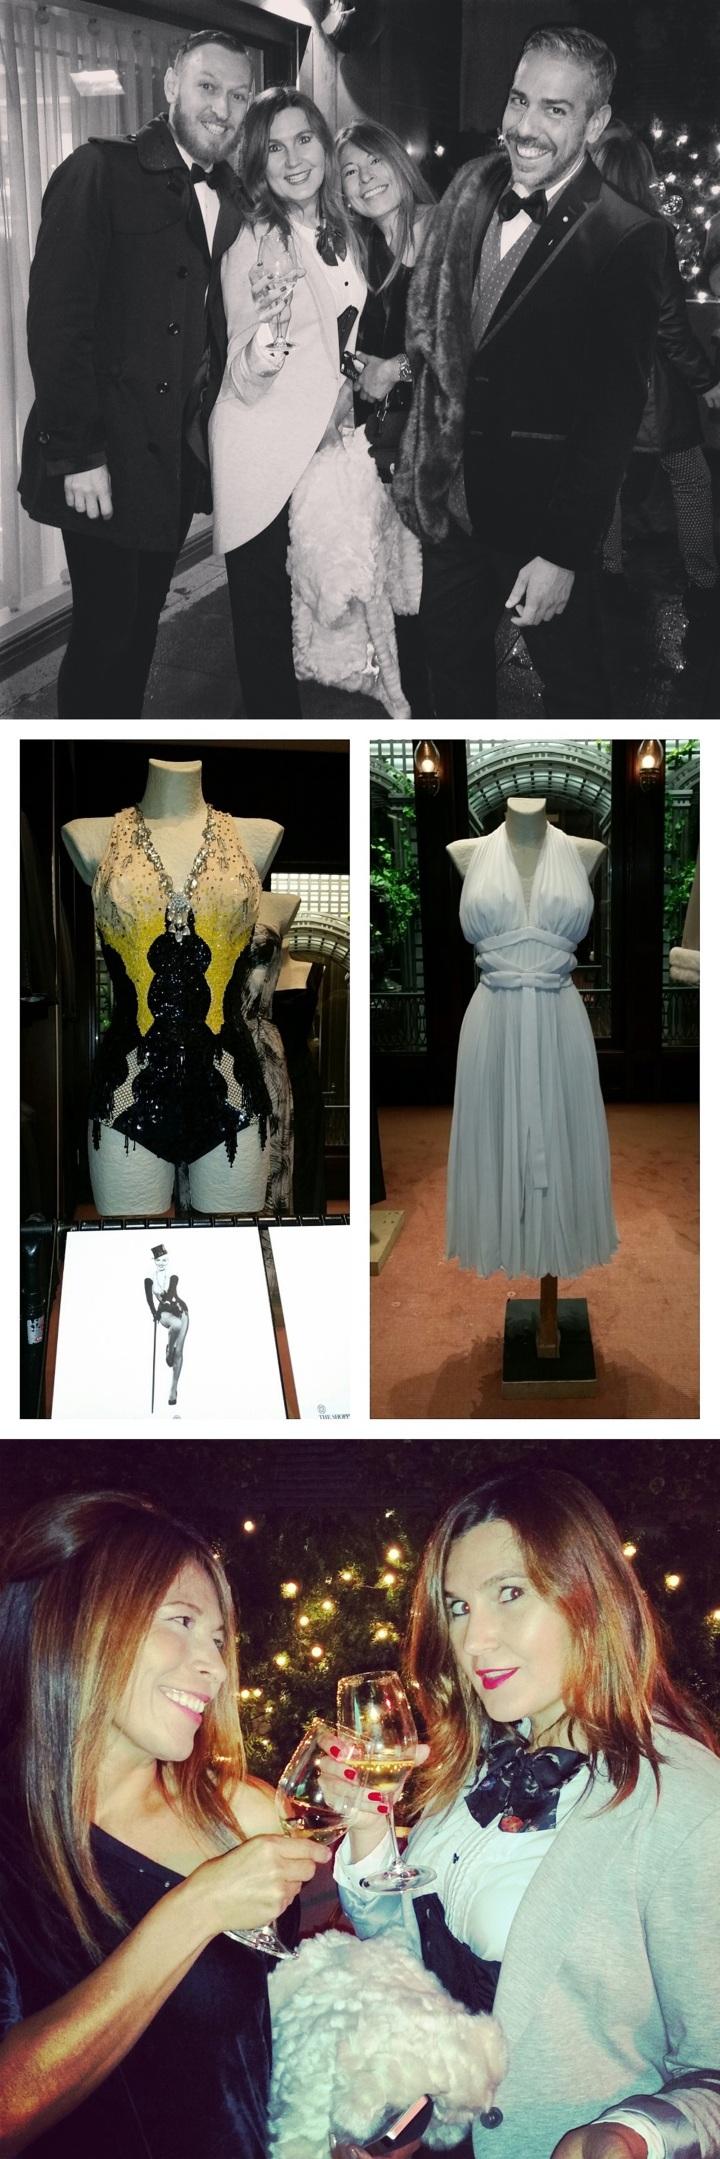 1 - Santa Eulalia, Cuida de ti, Cuida tu imagen, Barcelona Shopping Night, Dorados Años 20, Santa Eulalia, Colección Marilyn Monroe